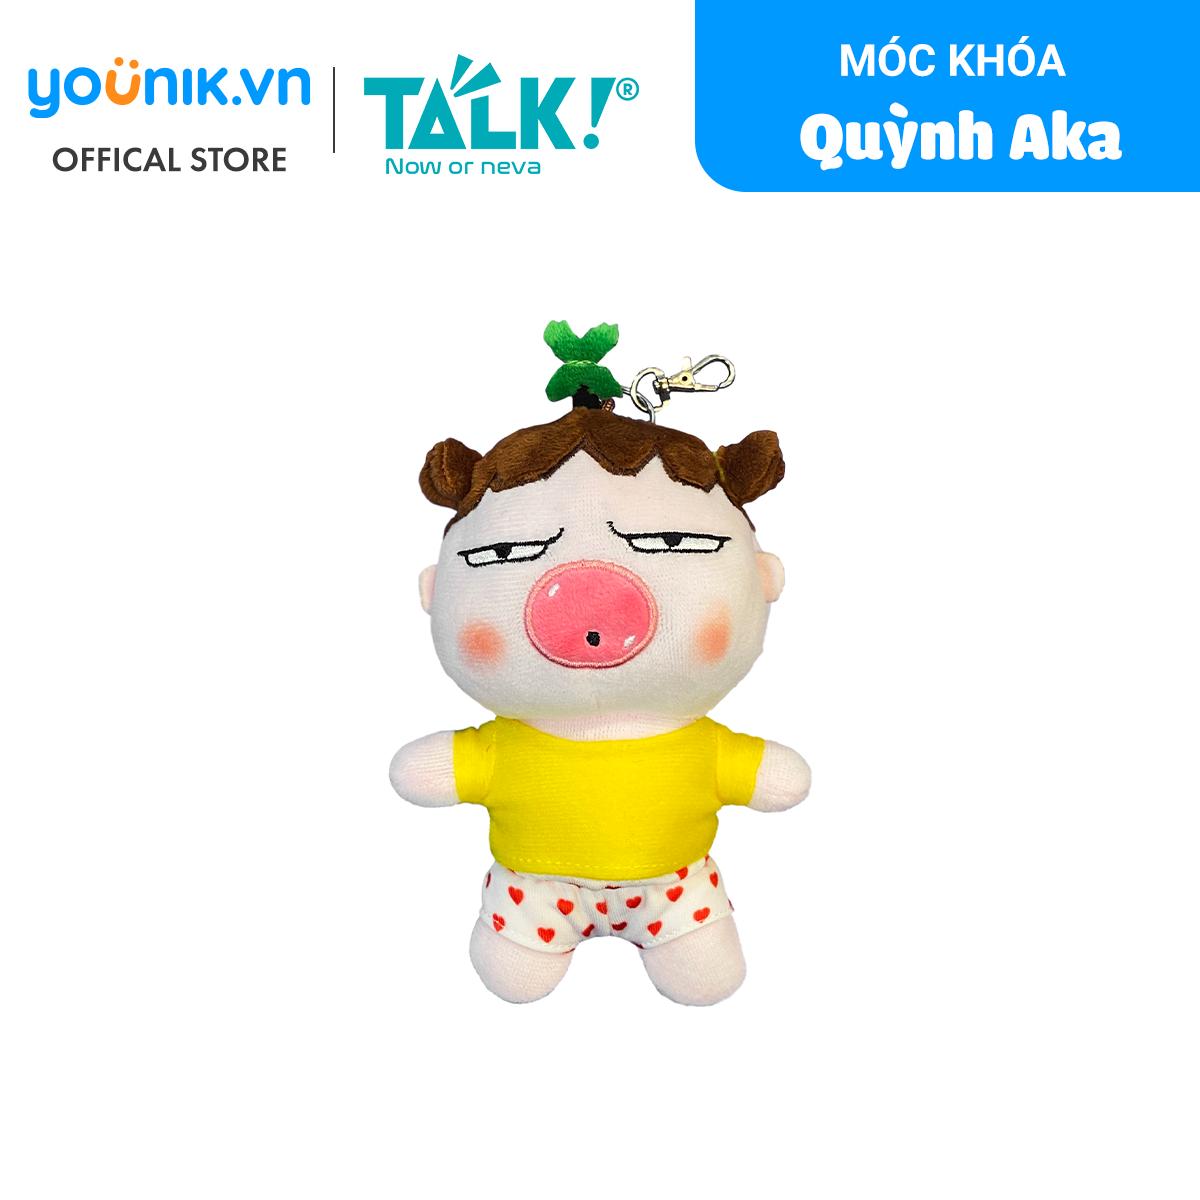 Móc Khóa Quỳnh Aka